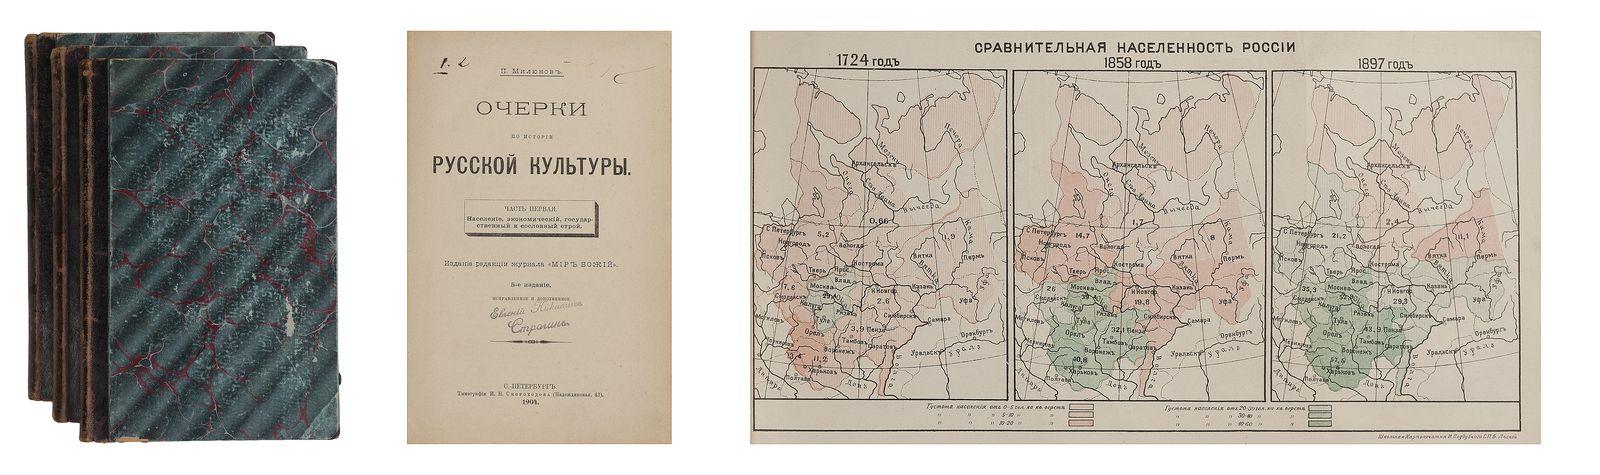 очерки по истории русской культуры - 3 тома, п милюков